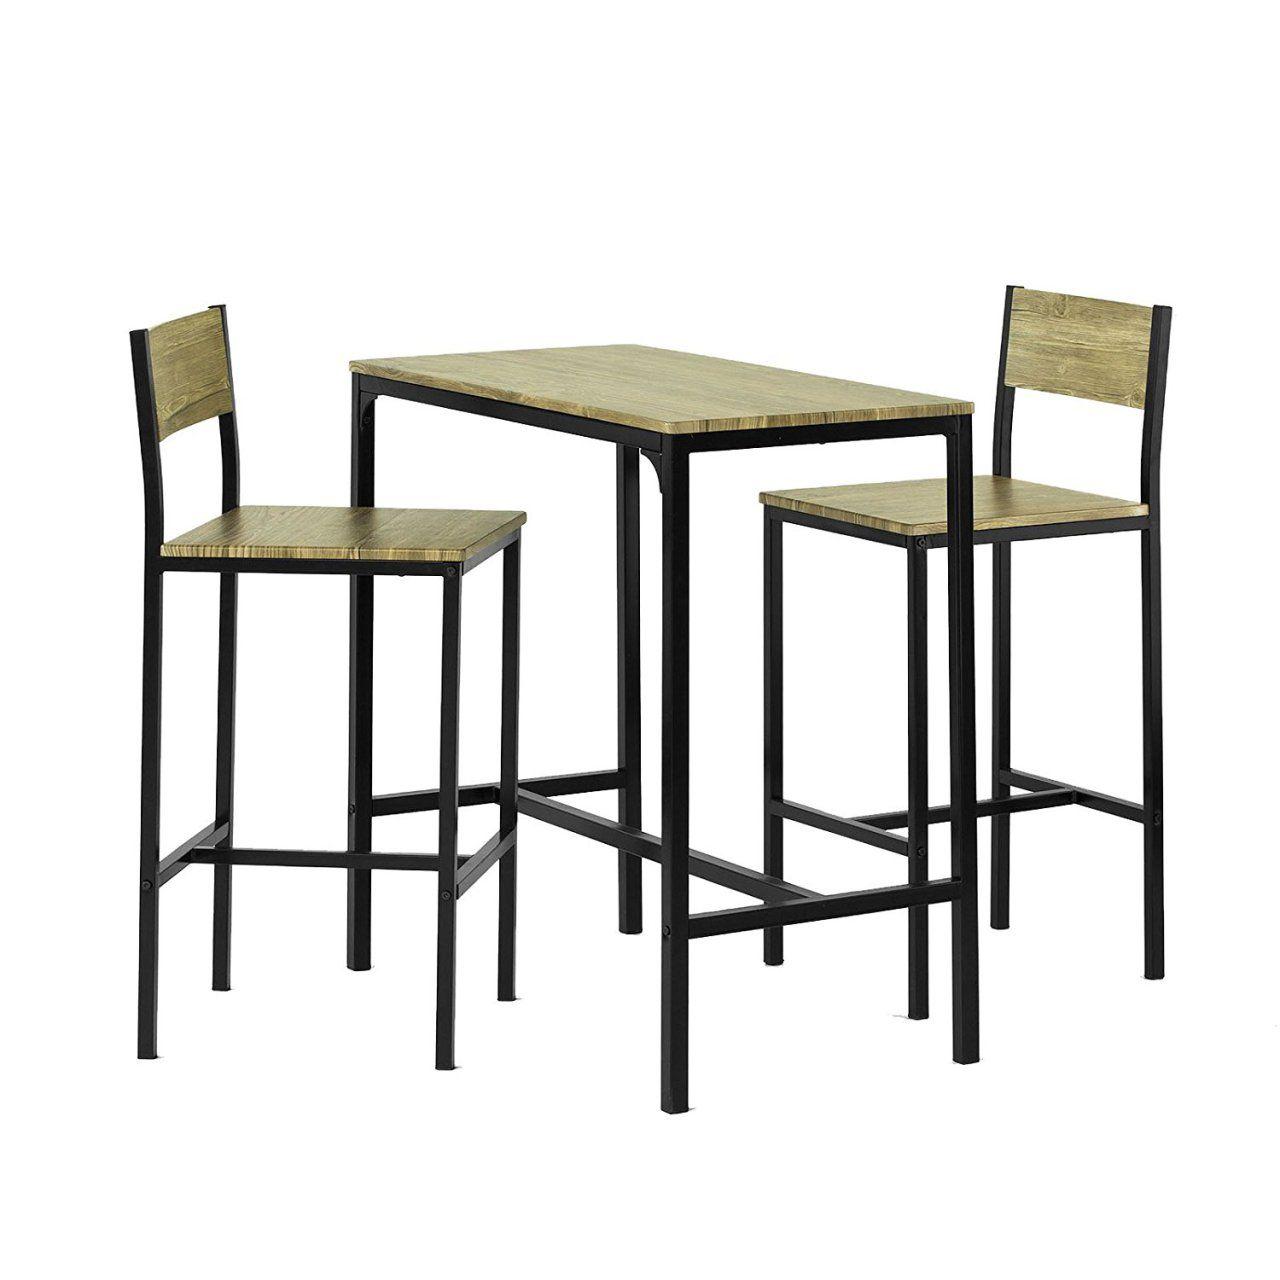 Un comodo tavolino da interno o esterno (con immagini